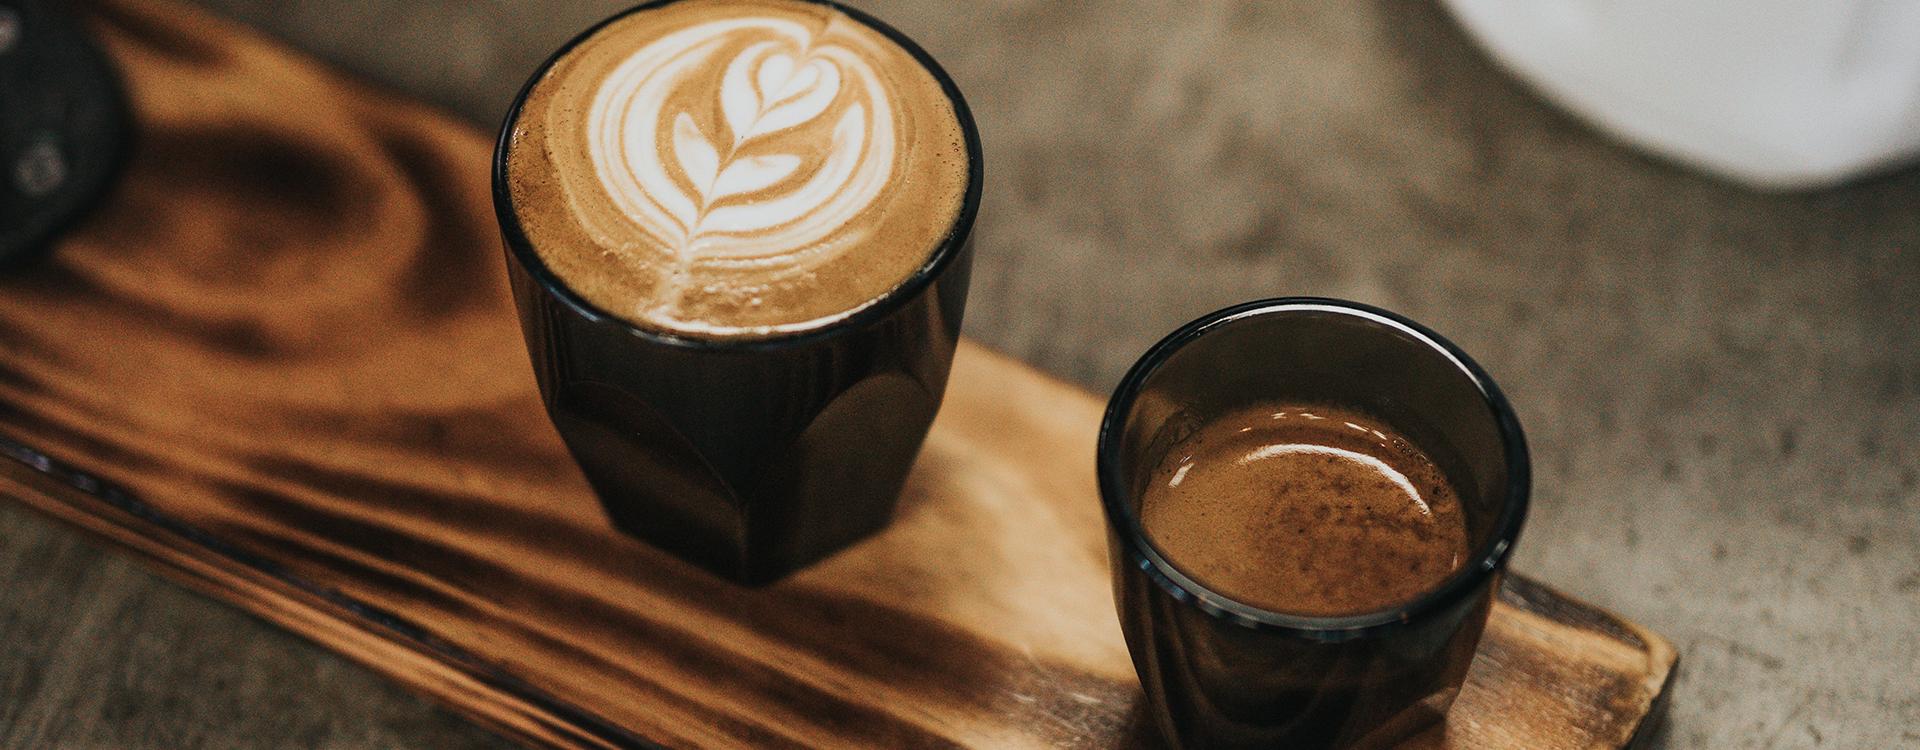 Domowe espresso - sprawdź jak je przyrządzić!